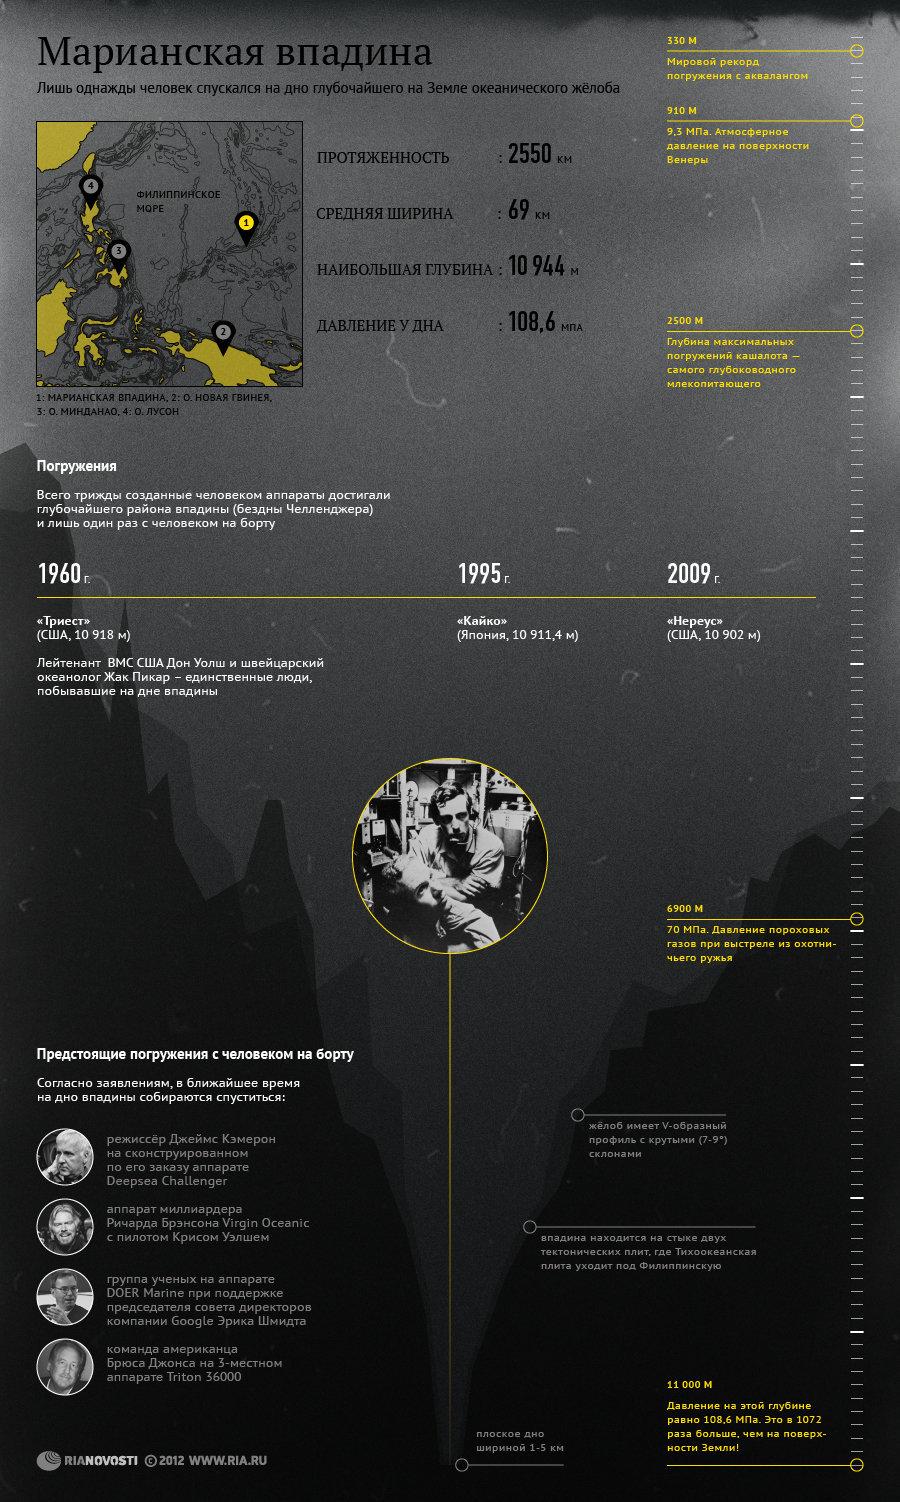 Марианская впадина - глубочайший океанический желоб на Земле